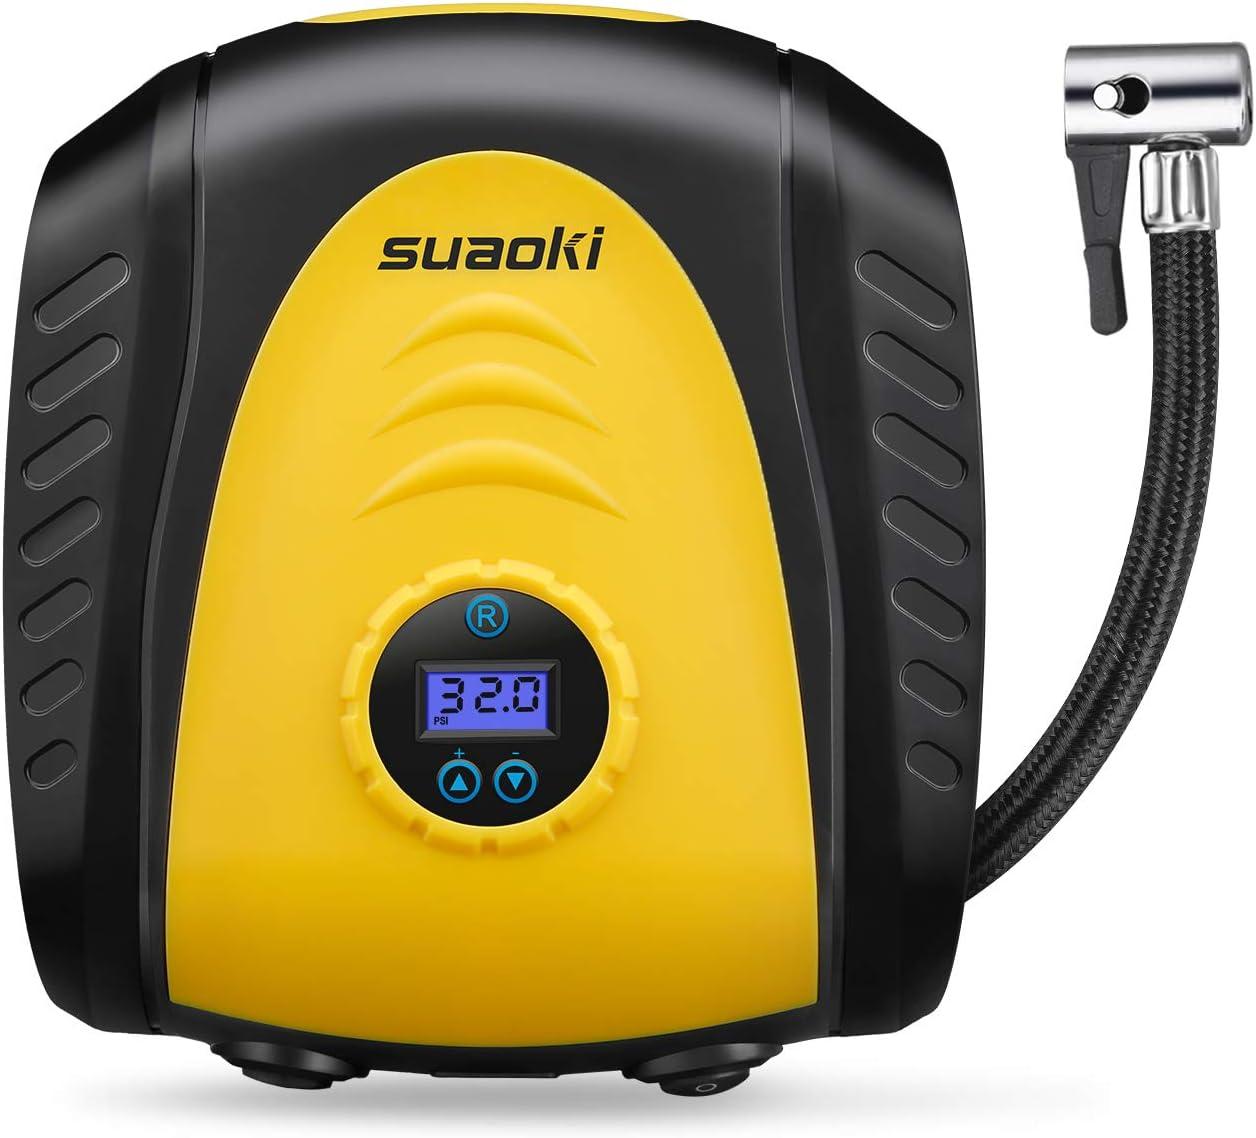 SUAOKI Compresor de Aire Digital Portátil 150PSI, 12V Inflador de neumáticos, Presión Apagado automático, medición de presión, 3 Boquilla y adaptadores Multiusos y Pantalla LED Digital: Amazon.es: Coche y moto